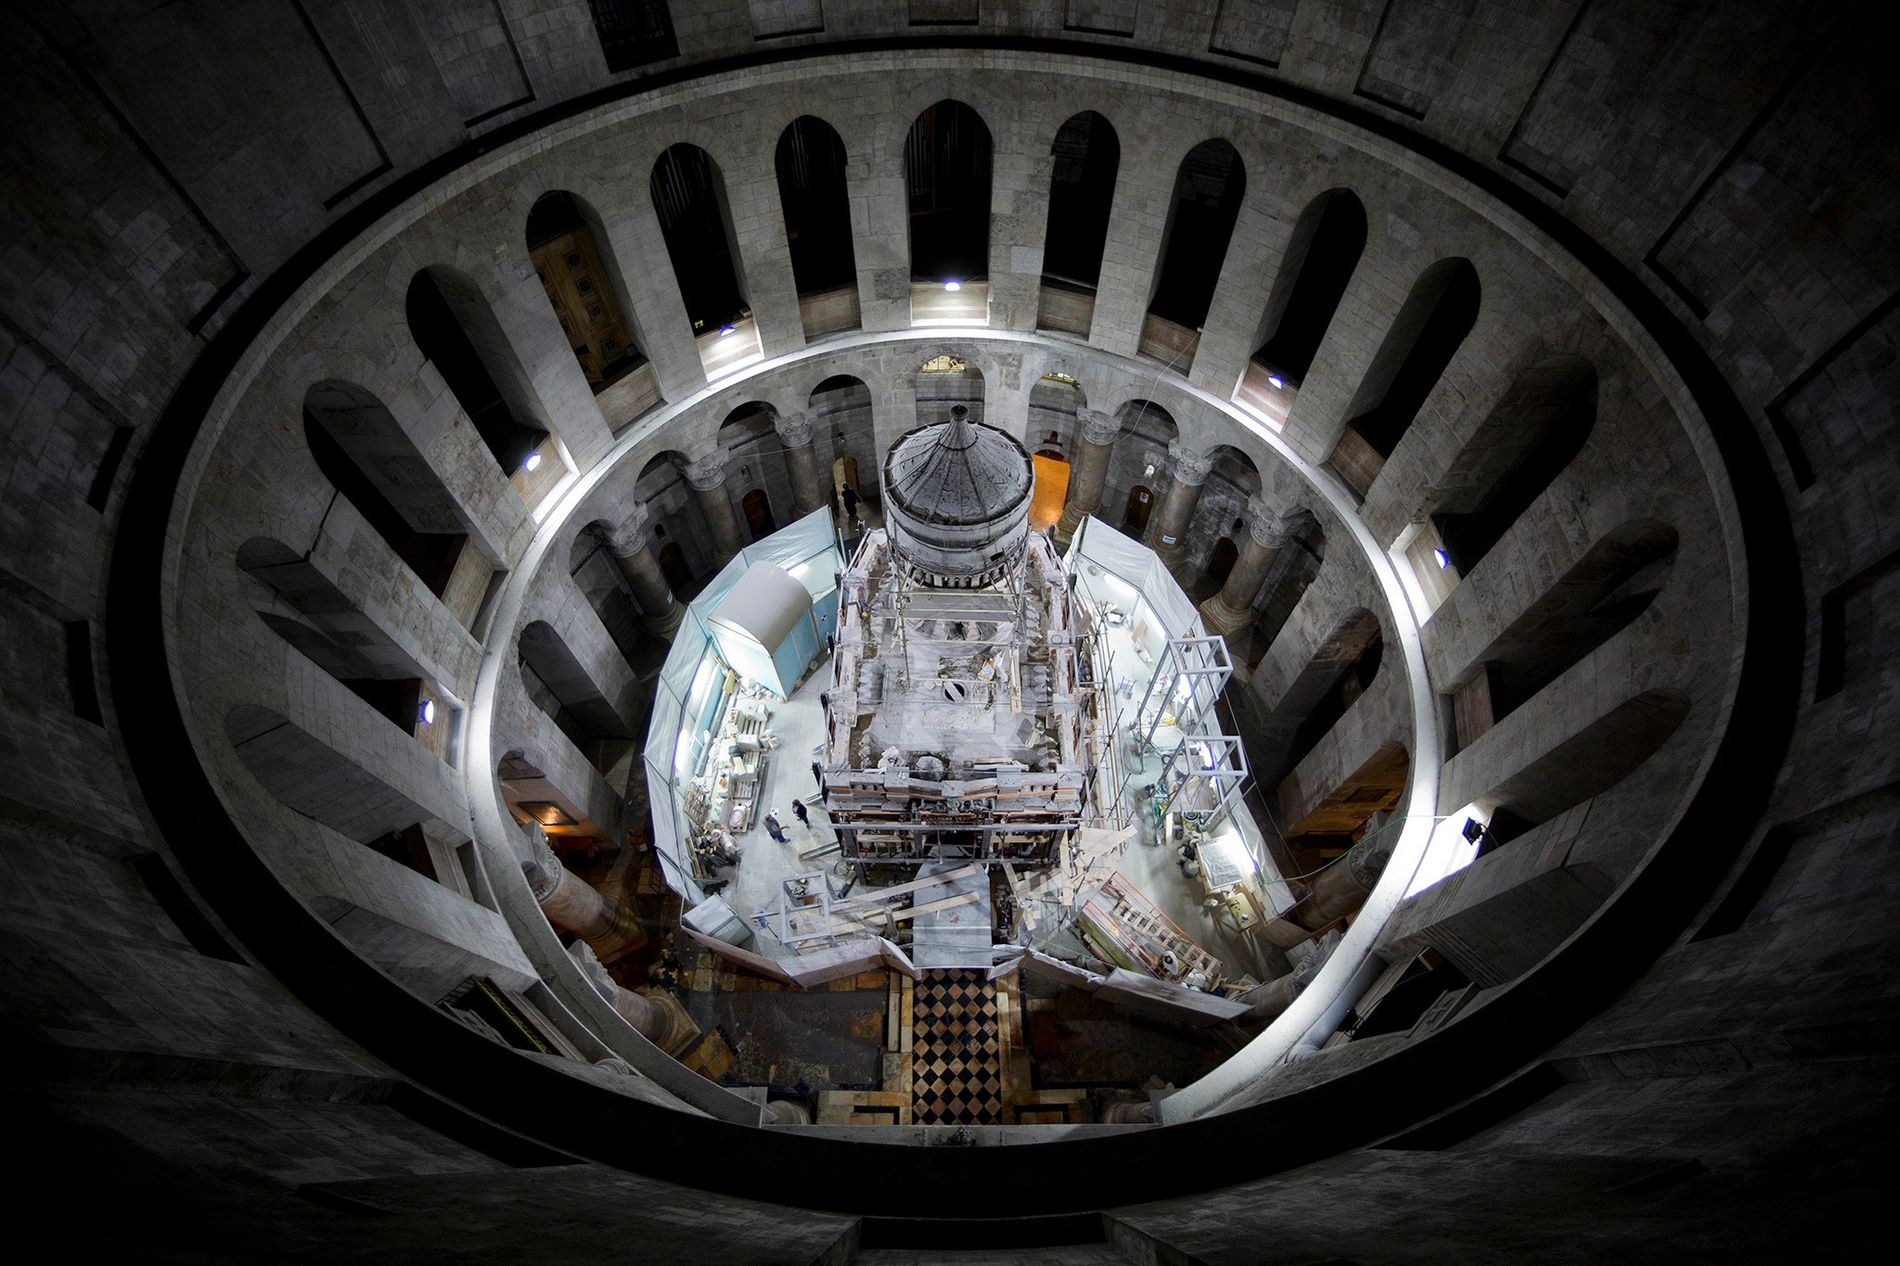 Exklusiv: Grabstätte von Jesus Christus zum ersten Mal seit Jahrhunderten freigelegt